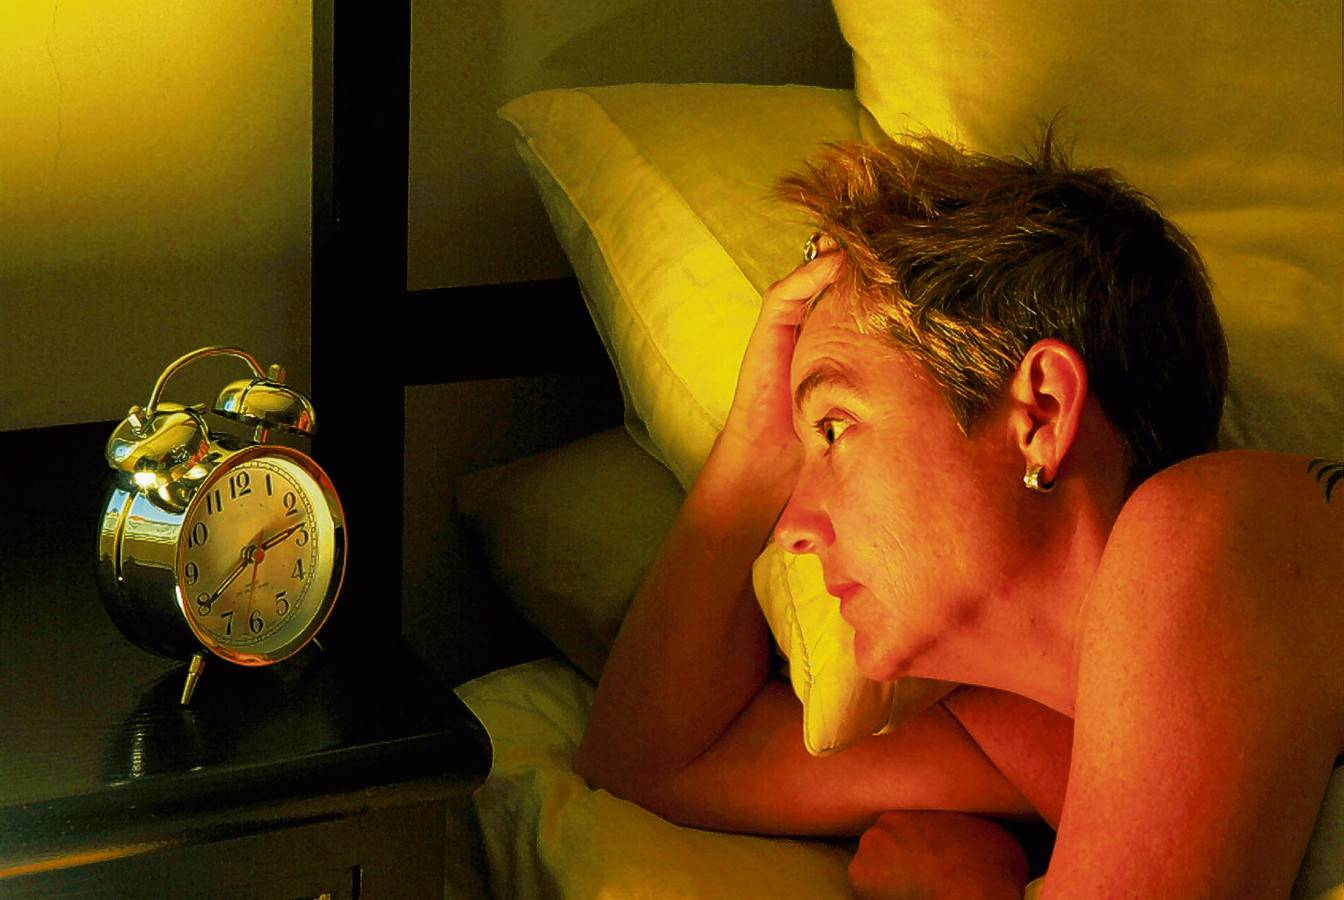 Как уснуть с похмелья